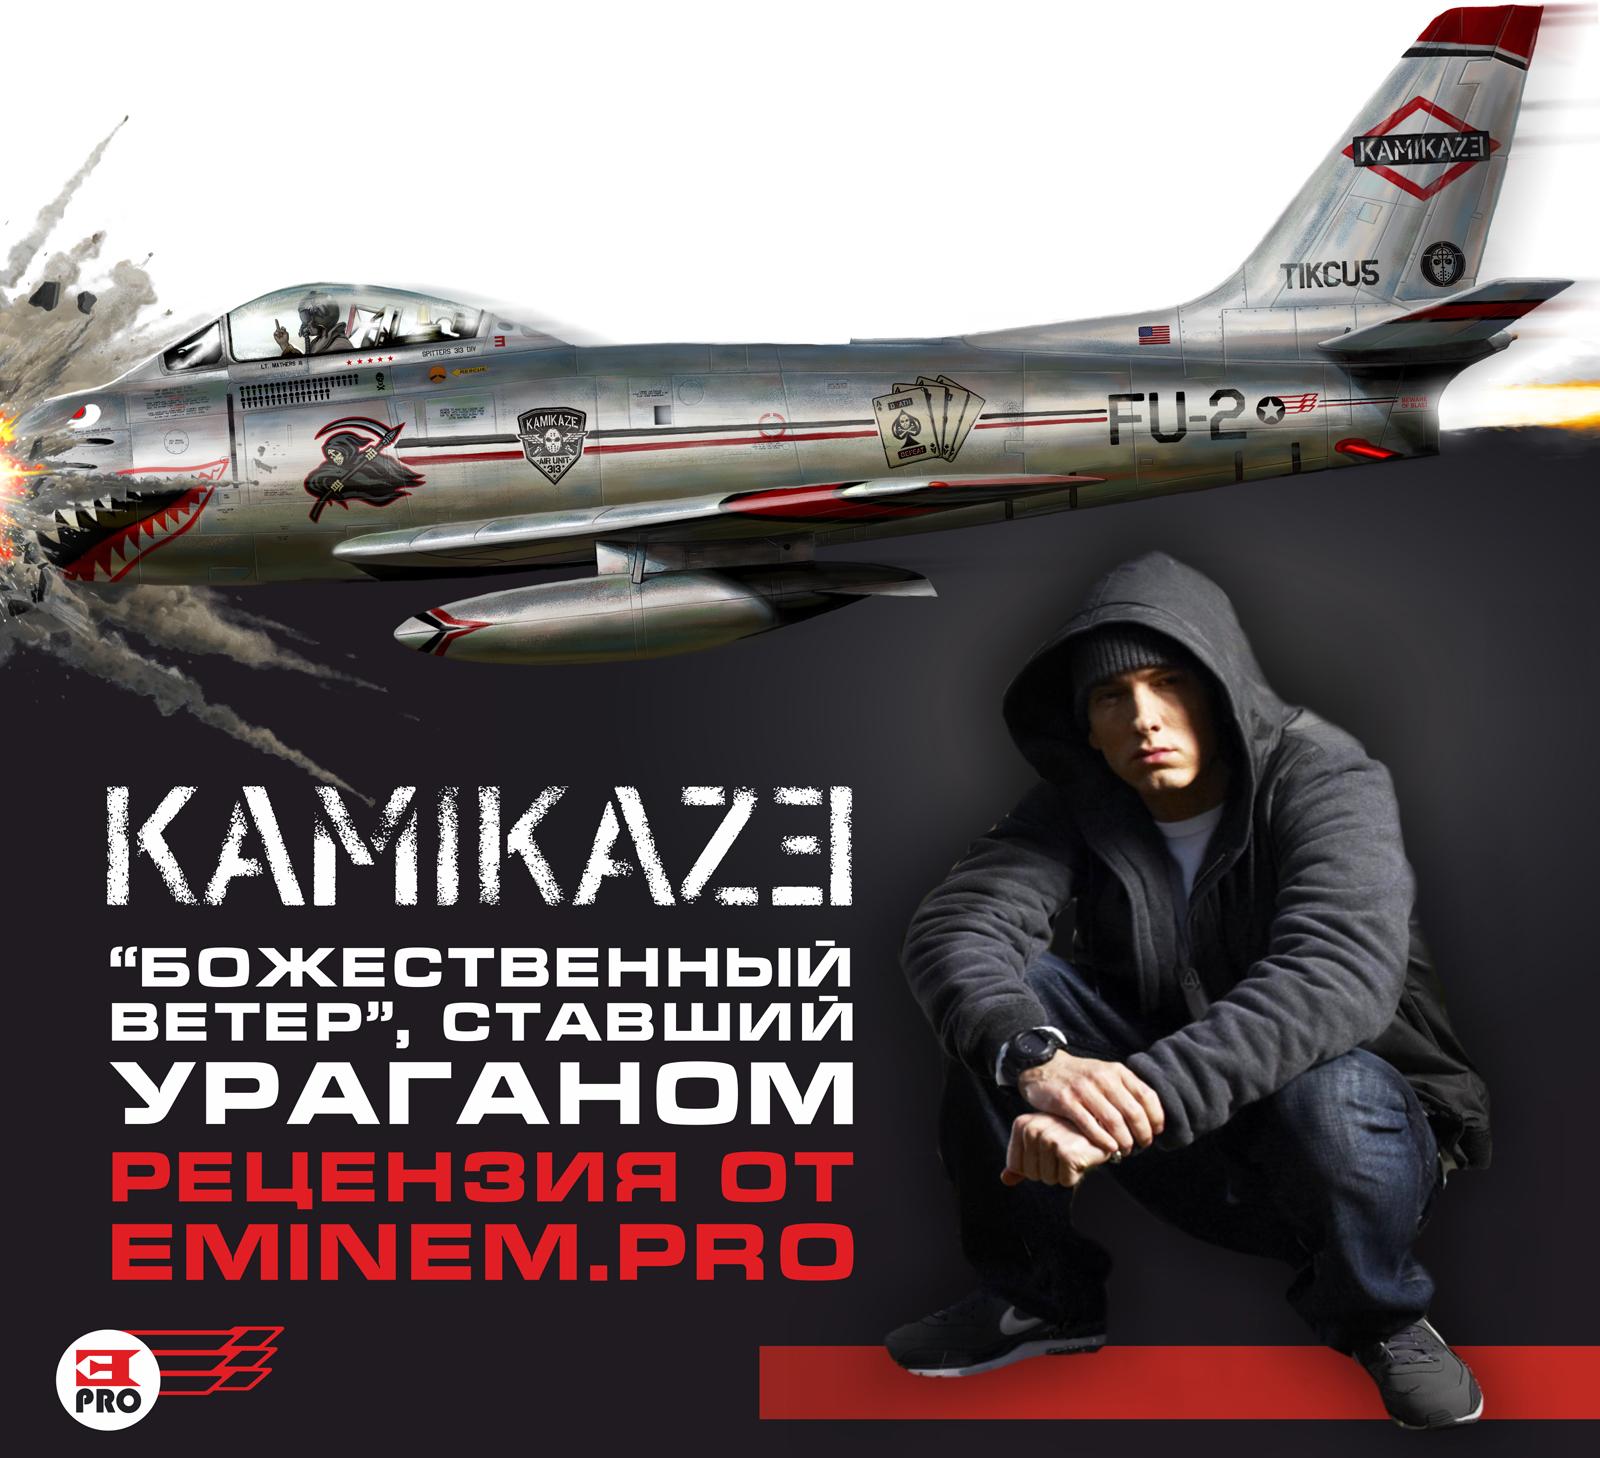 Kamikaze: «Божественный ветер», ставший ураганом. Рецензия на десятый студийный альбом Эминема от редакции «Eminem.Pro»